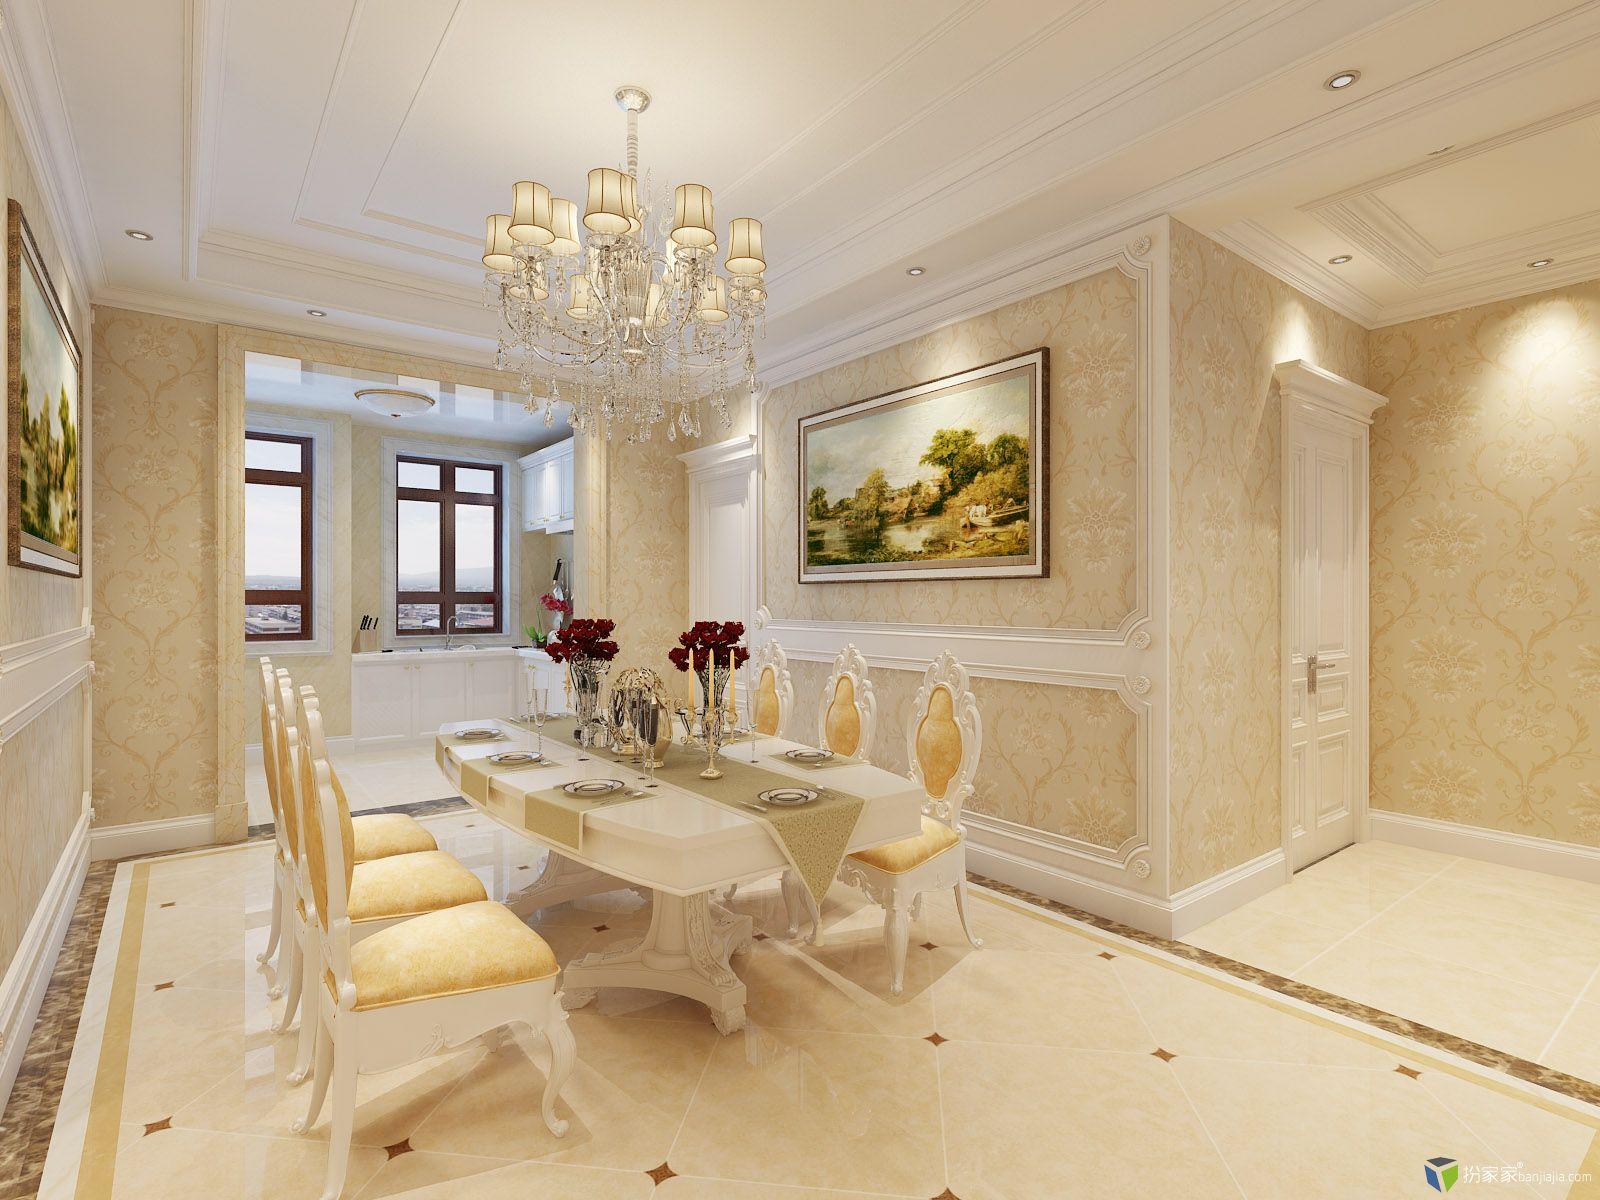 白欧一套 - 扮家家室内设计网